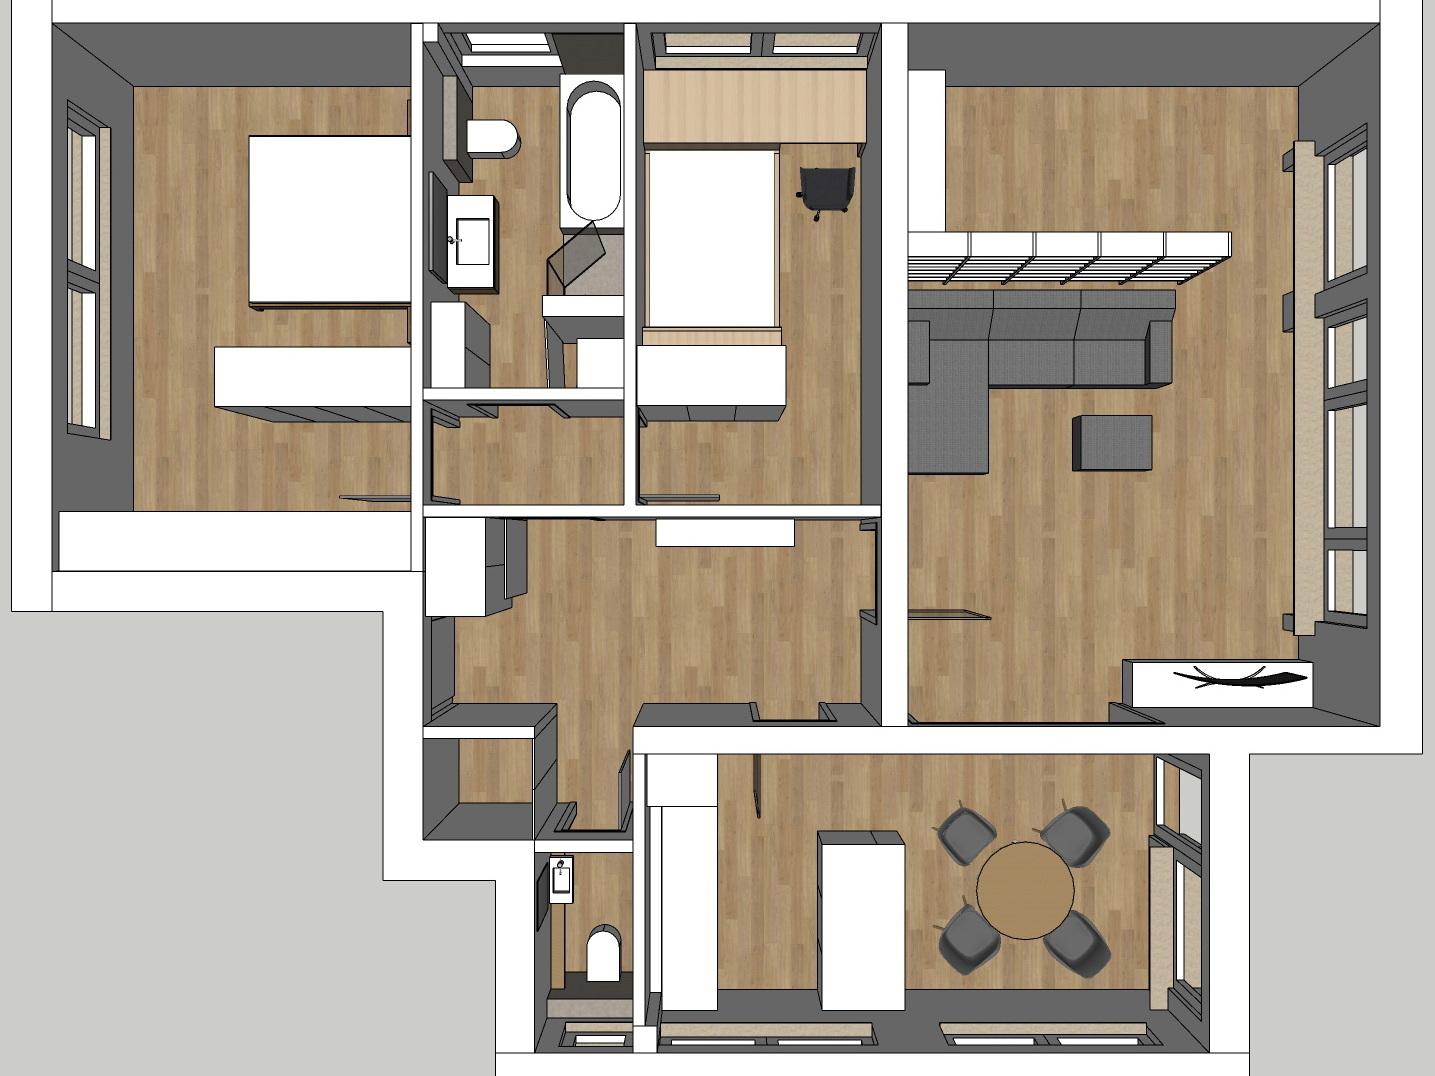 Raumkonzepte Wohnung - Variante 1